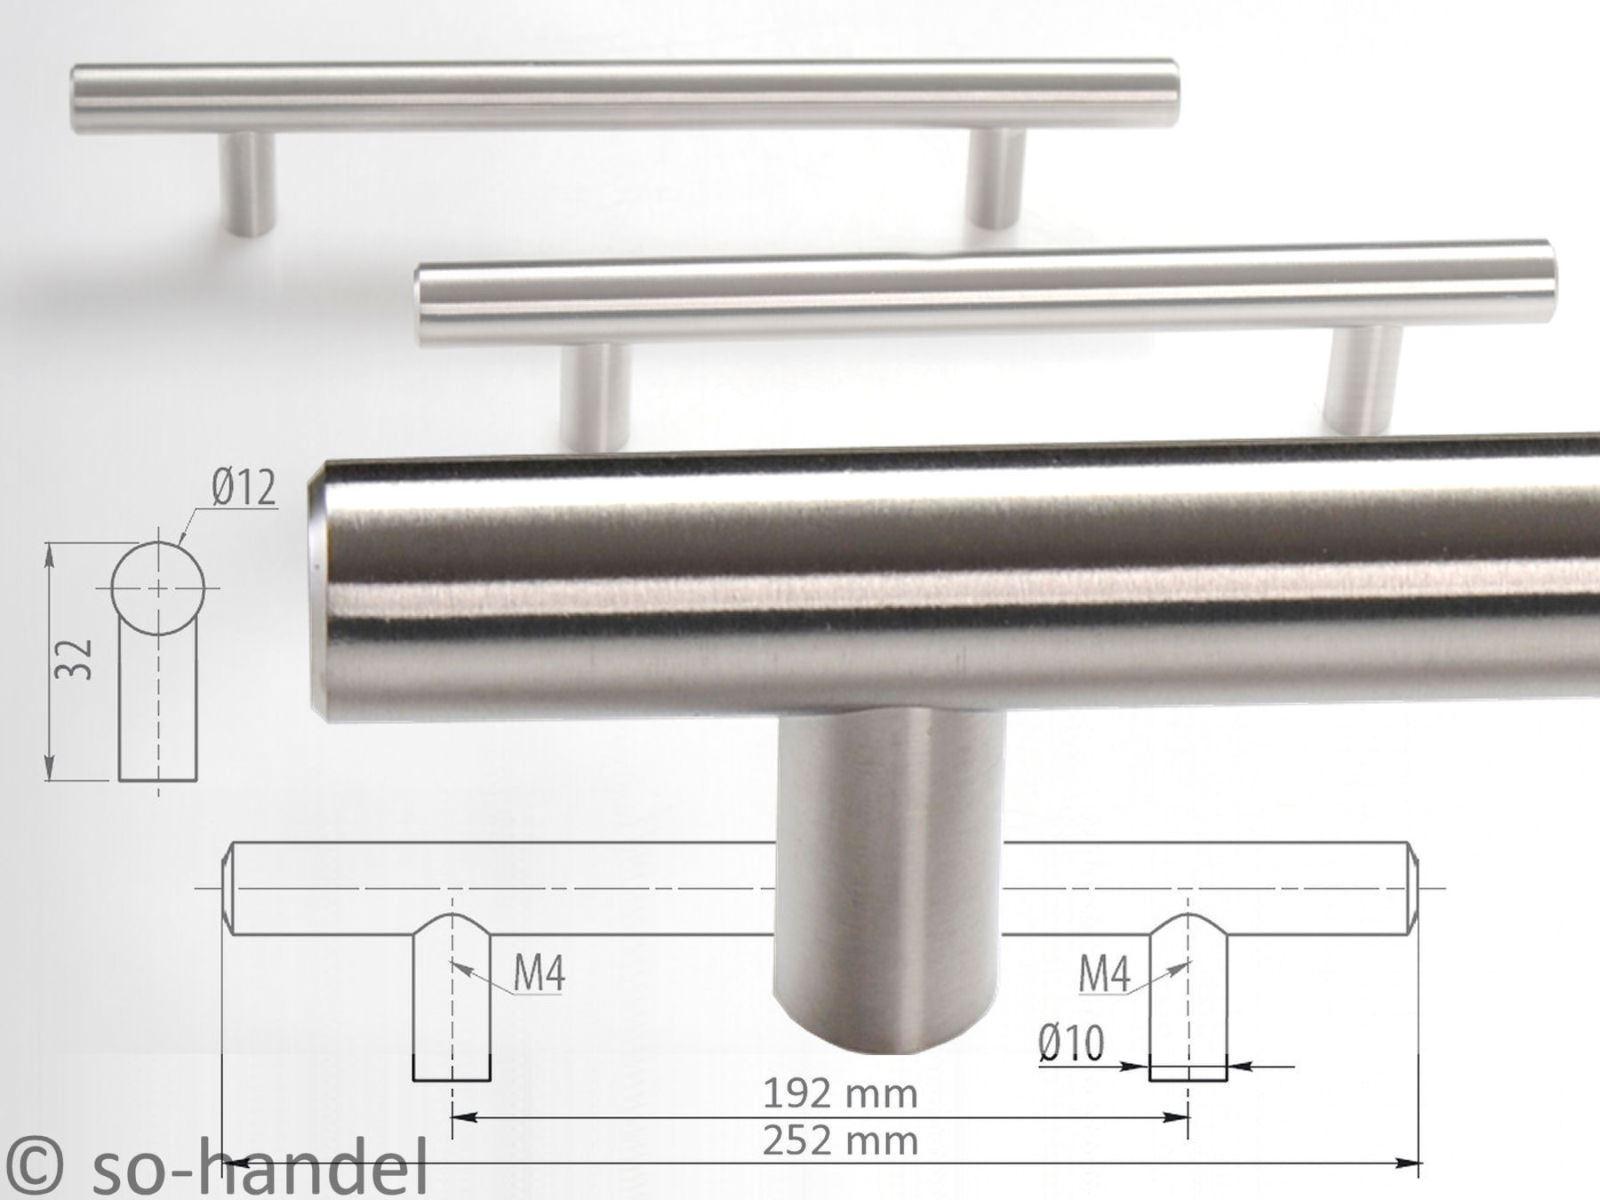 Moebelgriffe-MASSIVER-EDELSTAHL-gebuerstet-Stangengriffe-Kuechengriffe-GRIFF-12mm